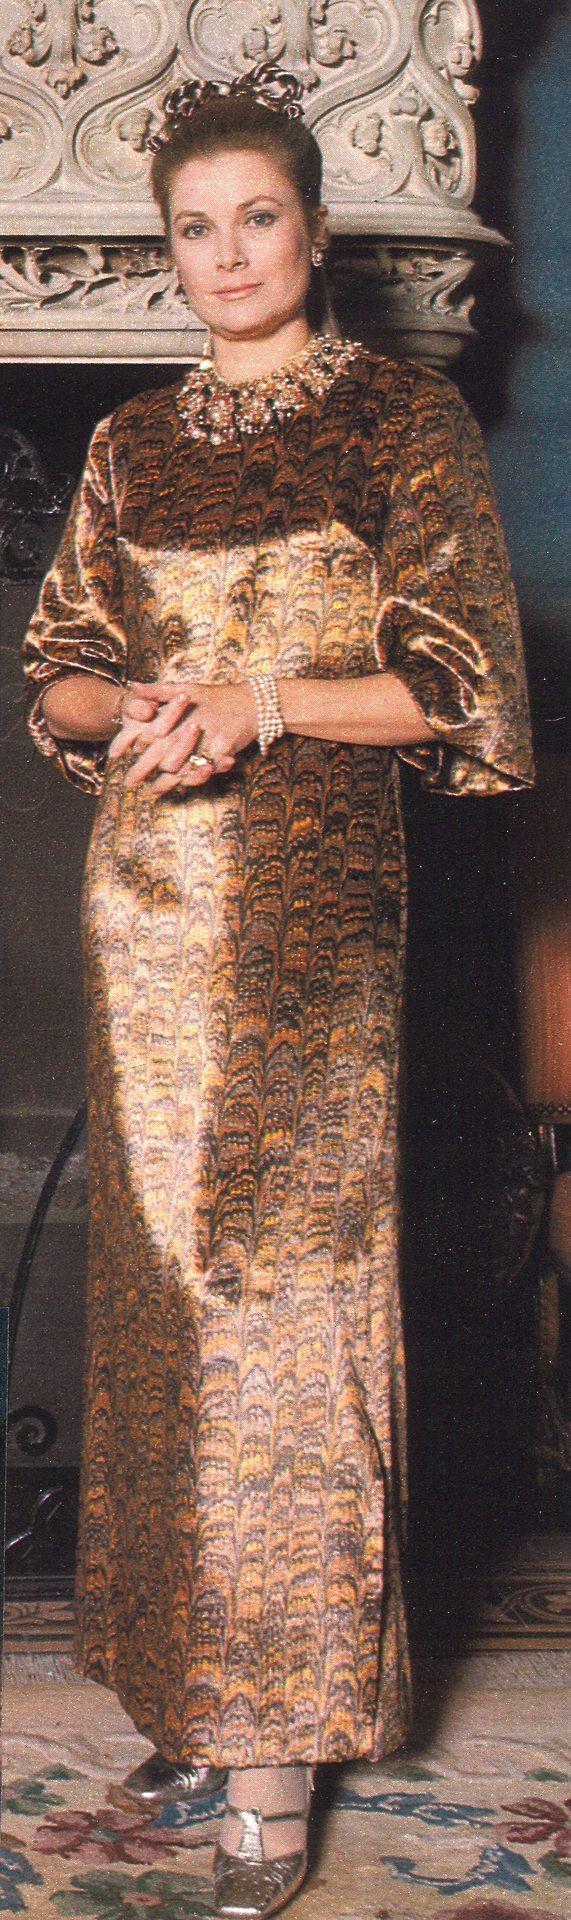 Another Grace Kelly Blog?!!:  Princess Grace